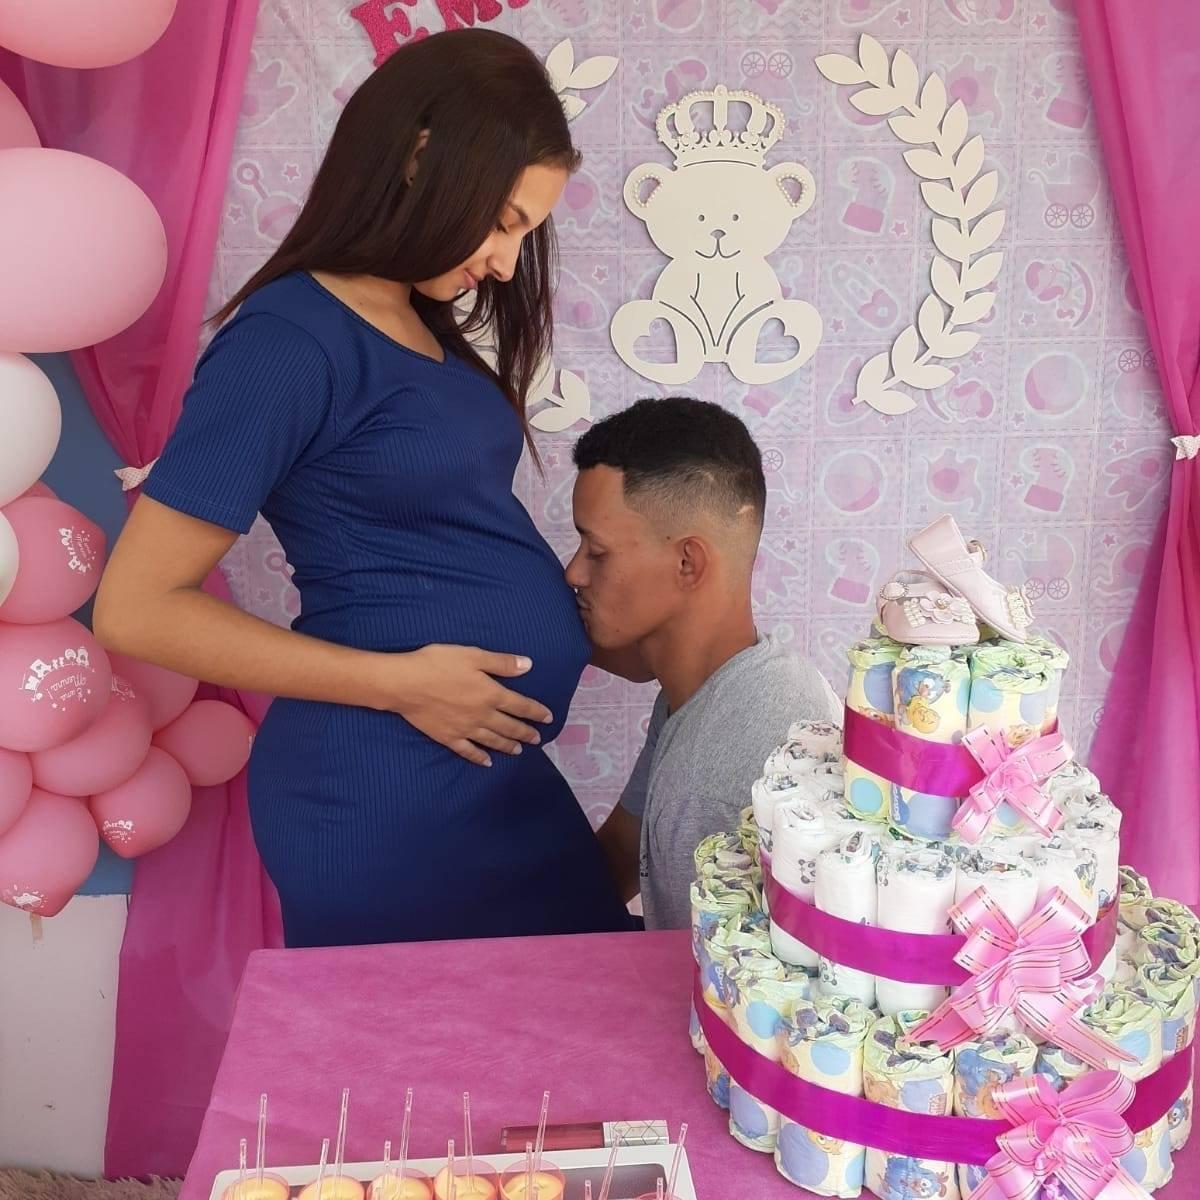 Ketlen Amaral da Silva e o esposo Cleudimar Silva a espera da primeira filha que nascerá nos próximos dias (Crédito de imagem: Reprodução)